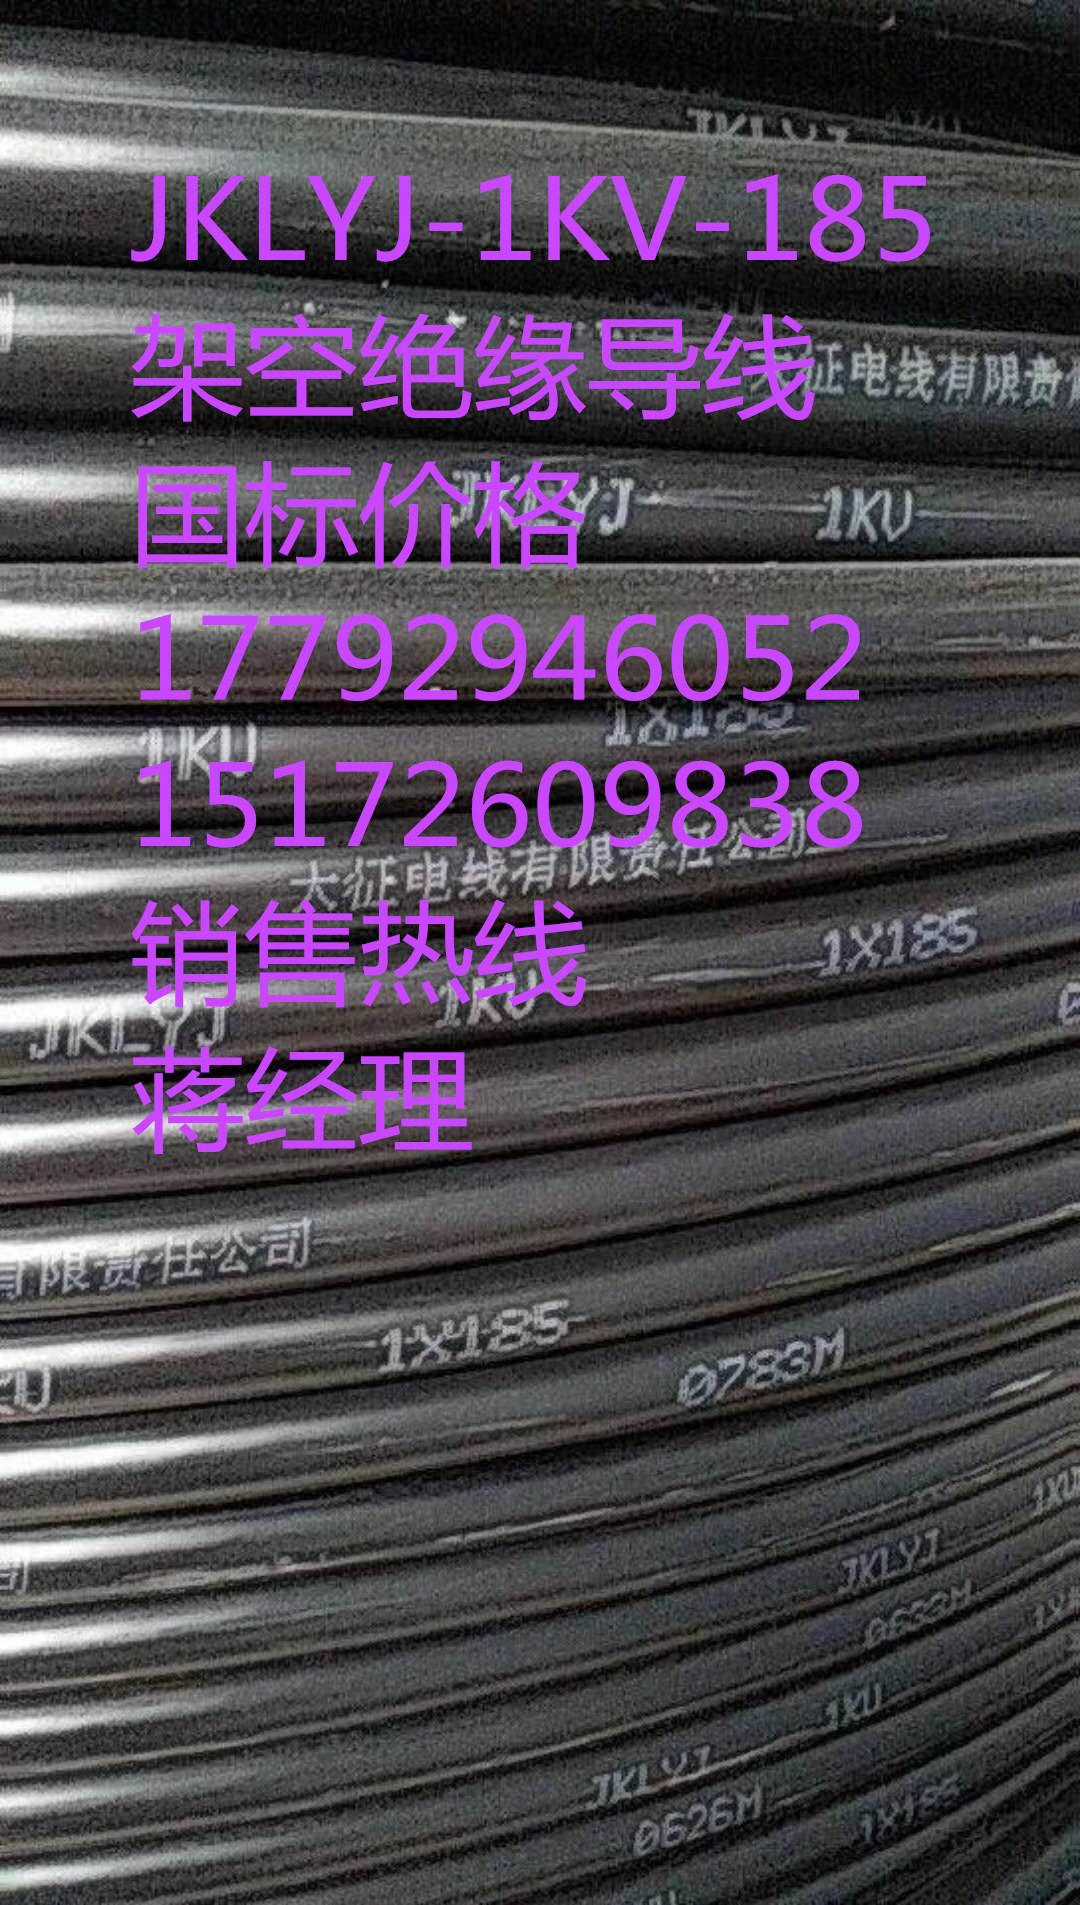 陕西省汉中市厂家直销高低压架空绝缘导线JKLYJ-150